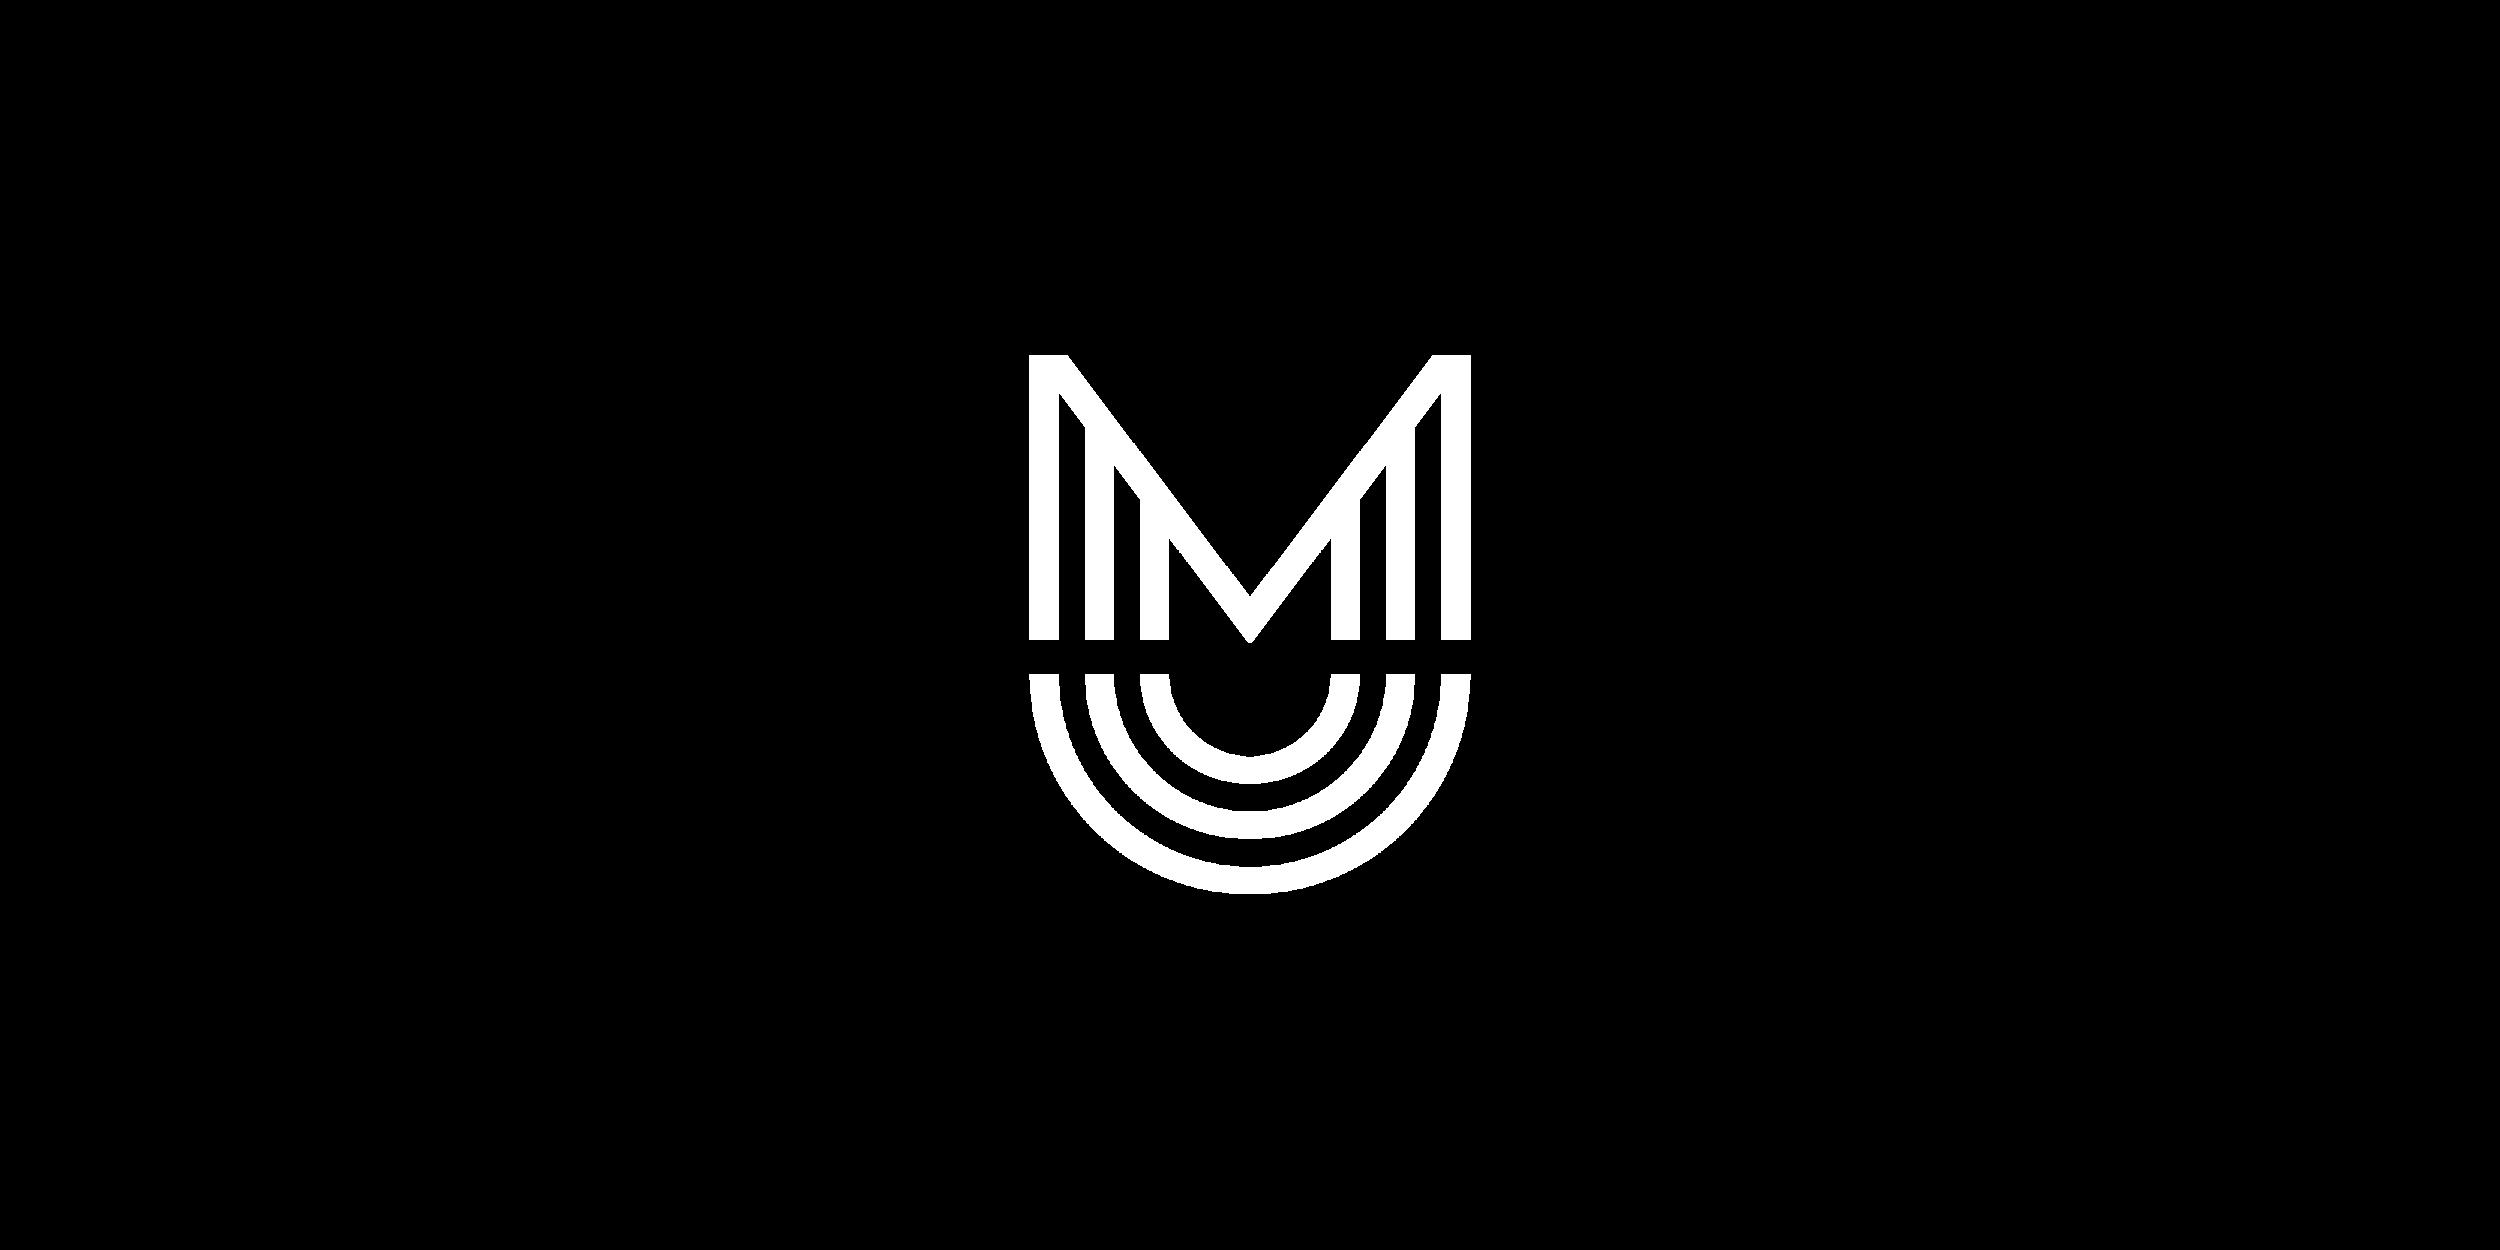 MyBOCA_Logo_Assets_Primary_Logo_Primary_Mongoram_White.png